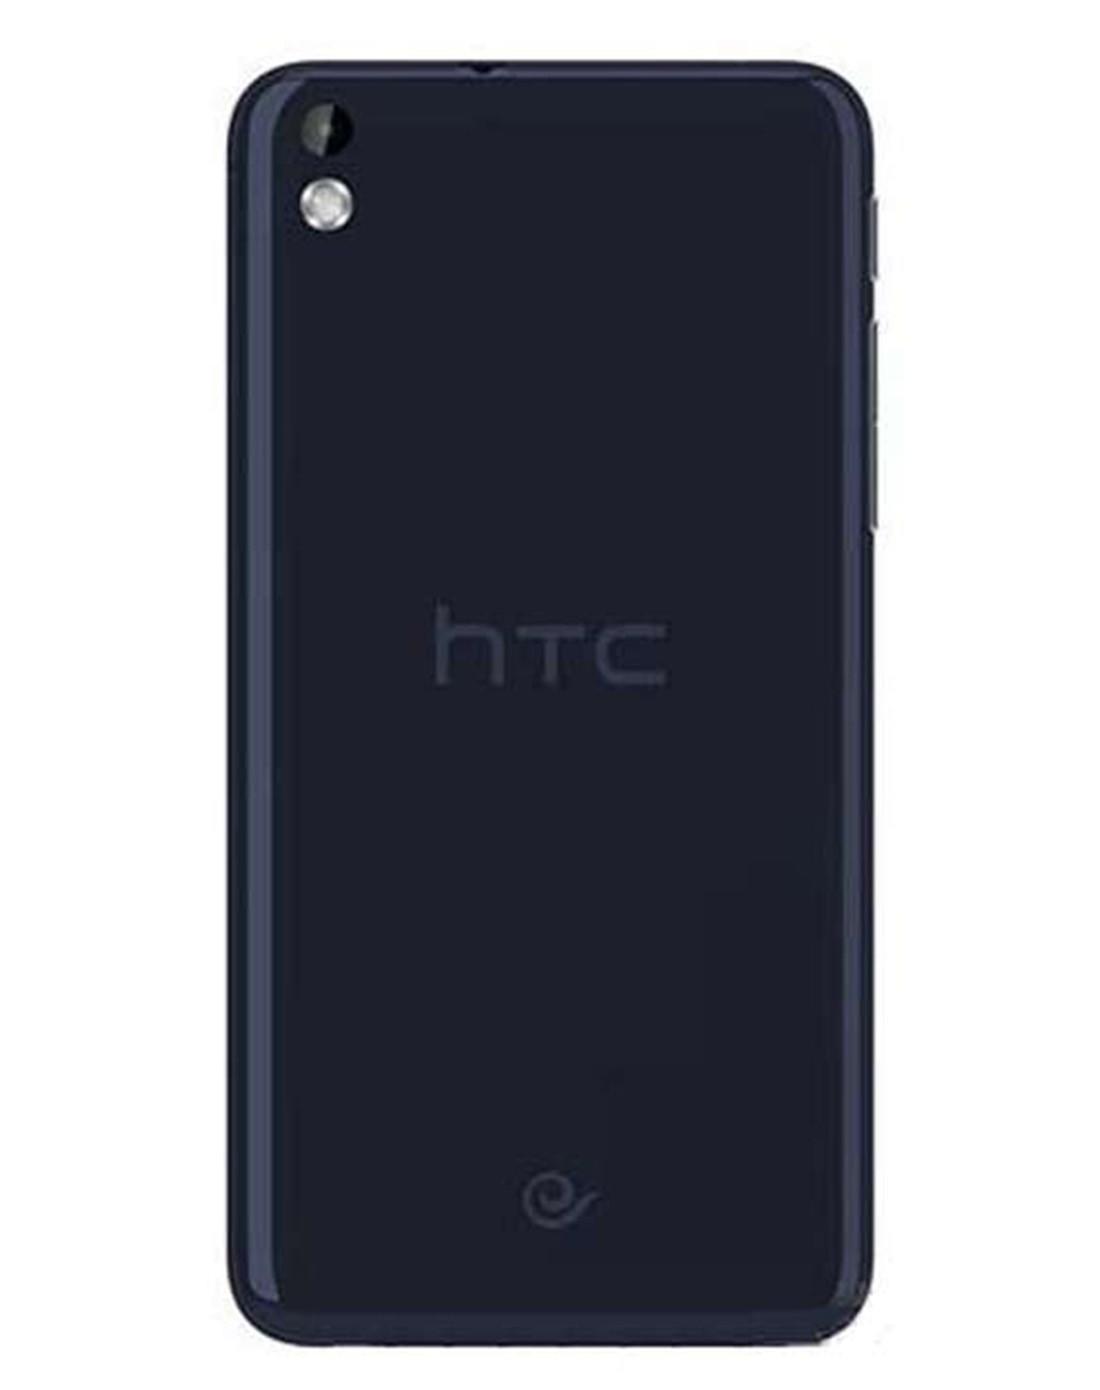 品牌手机专场-htc 816w 黑色 联通版